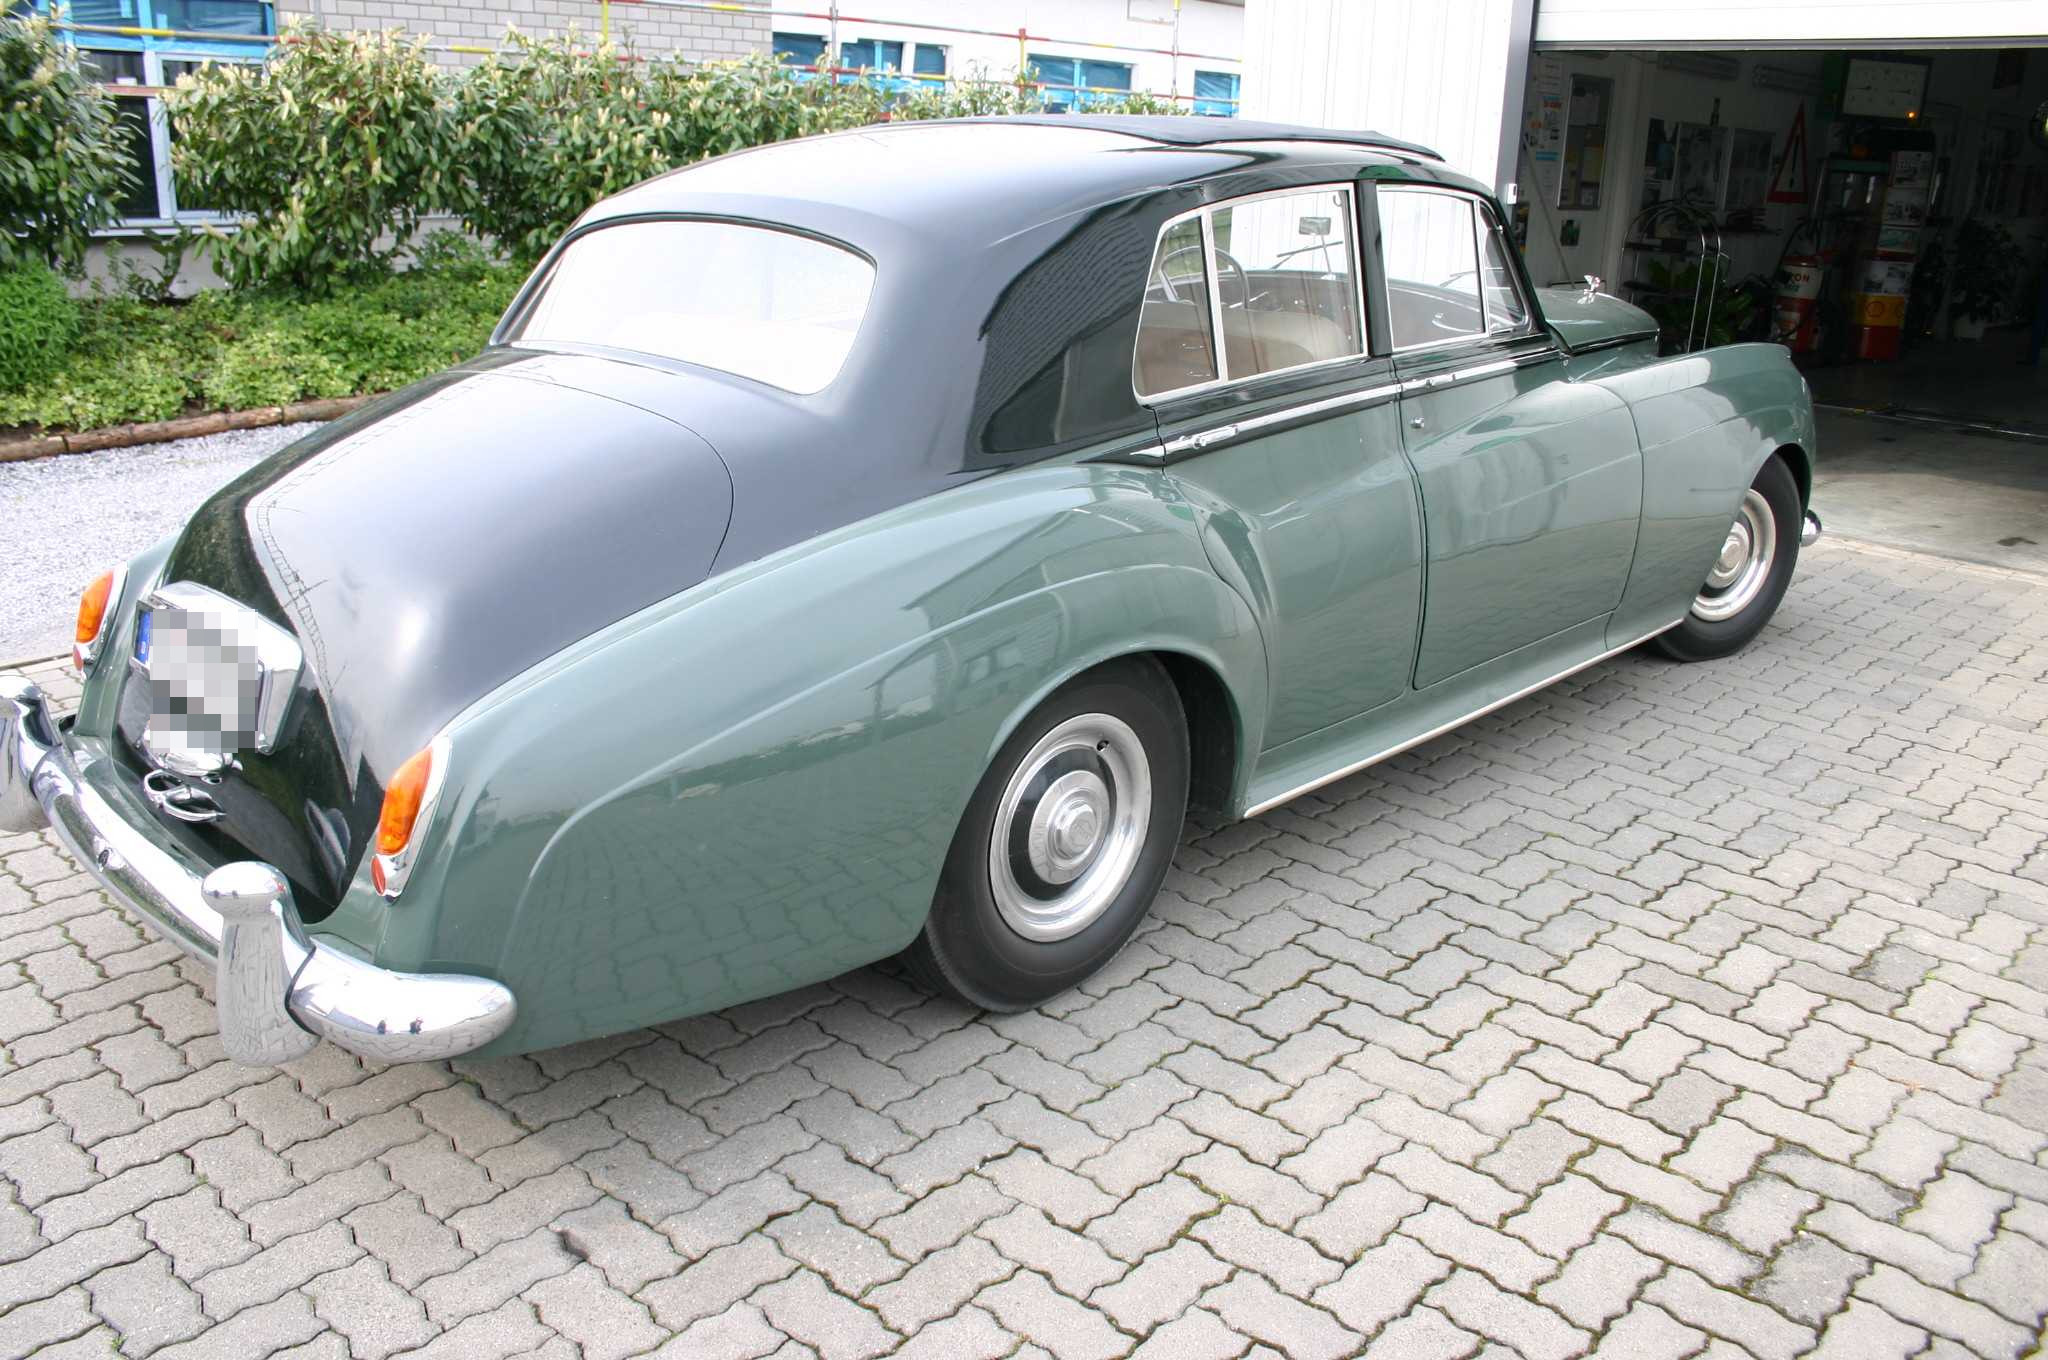 Bentley aus Baujahr 1959 mit geschwindigkeitsabhängiger Komfortbremsanlage